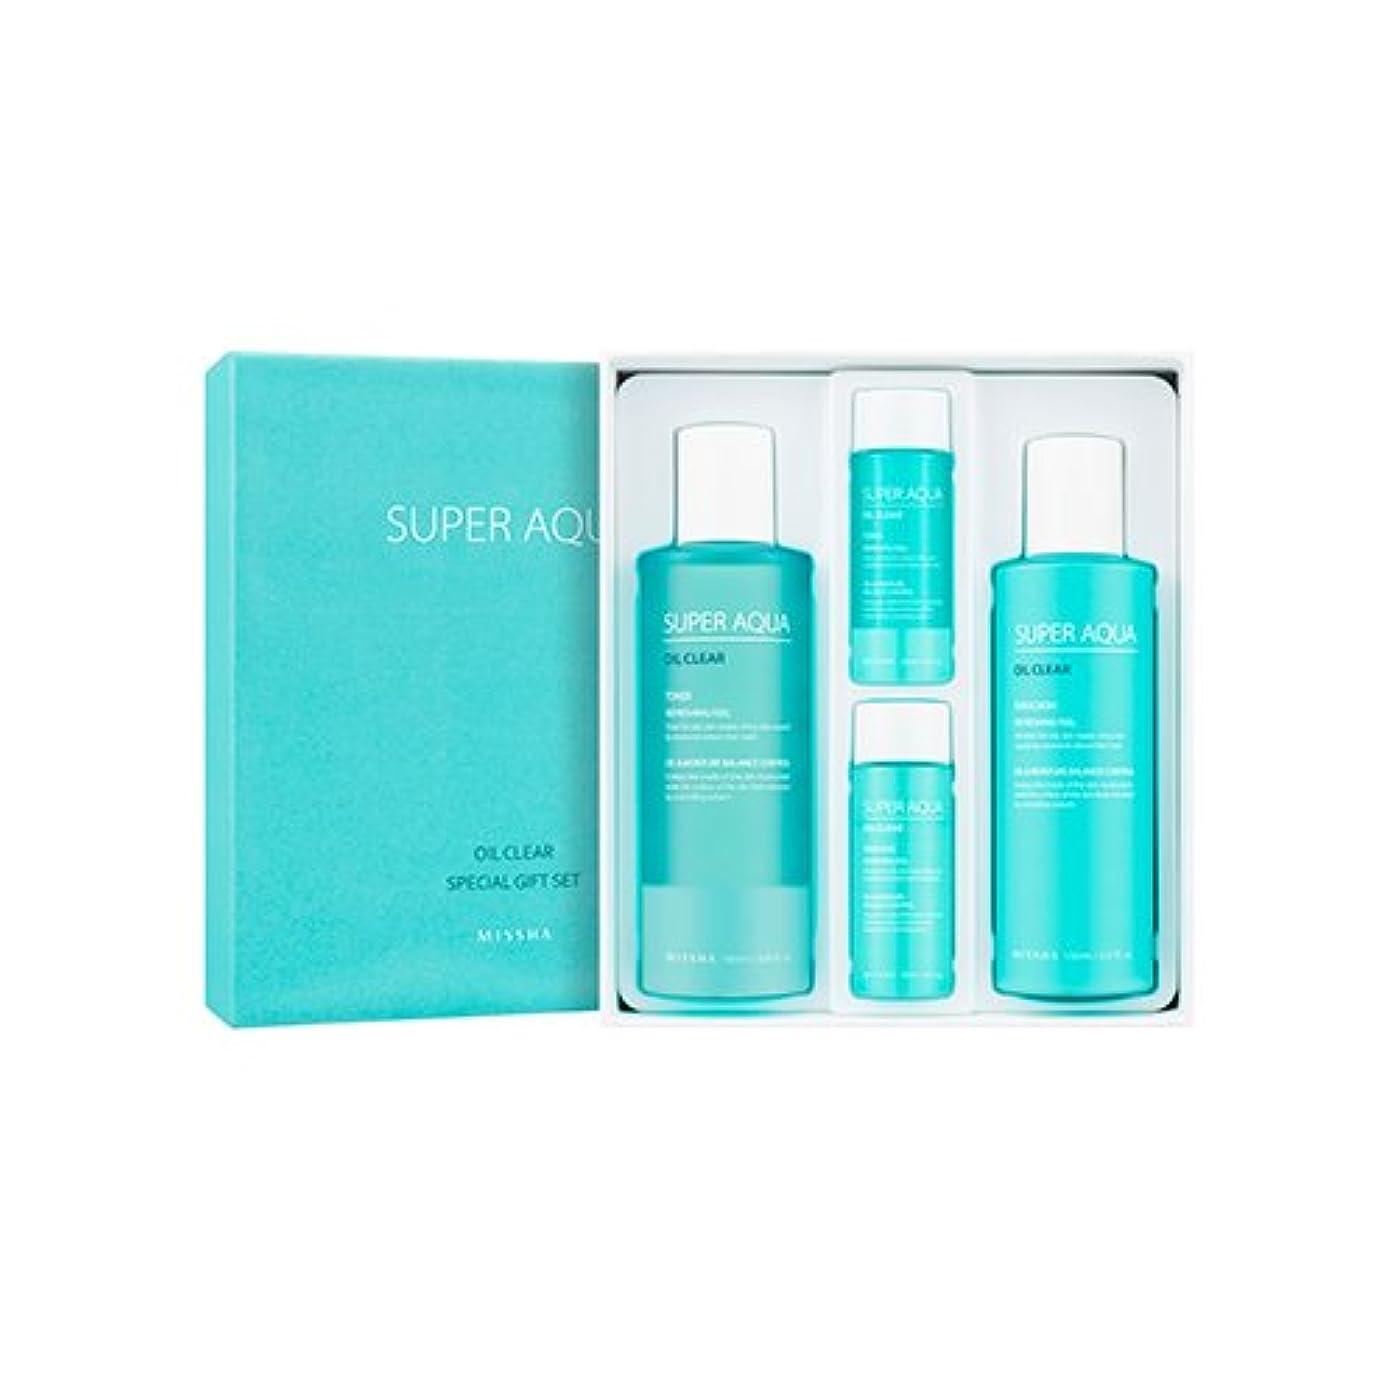 はぁオーラル無限大MISSHA Super Aqua Oil Clear Special Gift Set/ミシャ スーパーアクアオイルクリアスペシャルギフトセット [並行輸入品]